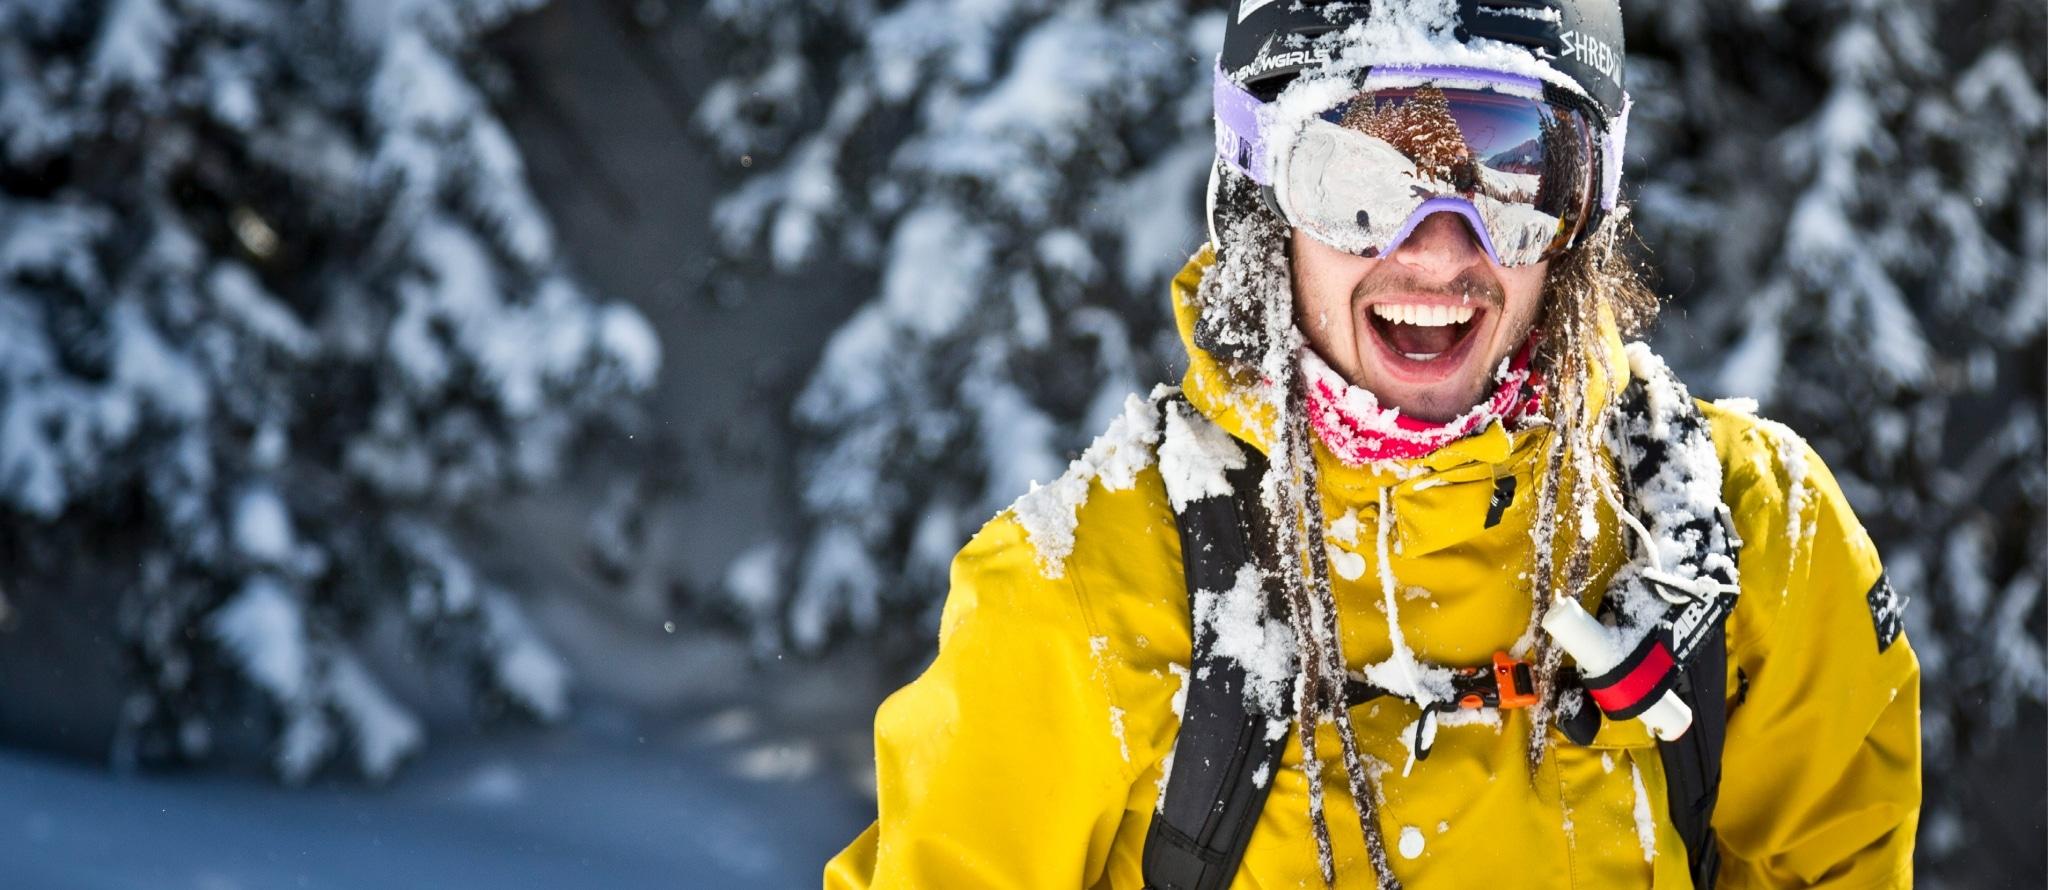 Ein Mann mit gelber Ski-Jacke und Skihelm